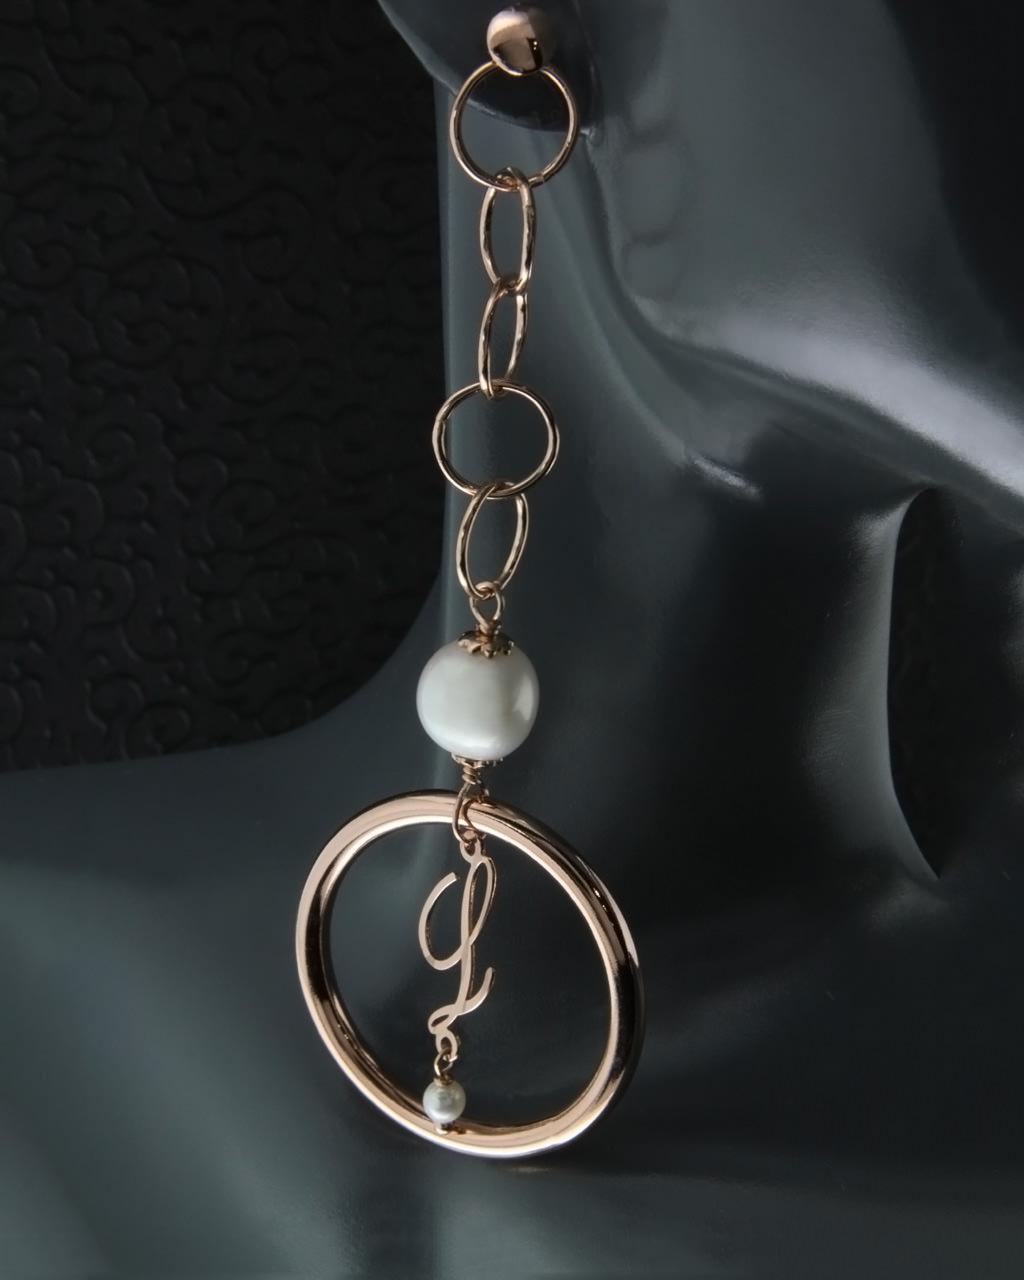 Σκουλαρίκια Κρίκοι με Μαργαριτάρια   γυναικα σκουλαρίκια σκουλαρίκια κρίκοι